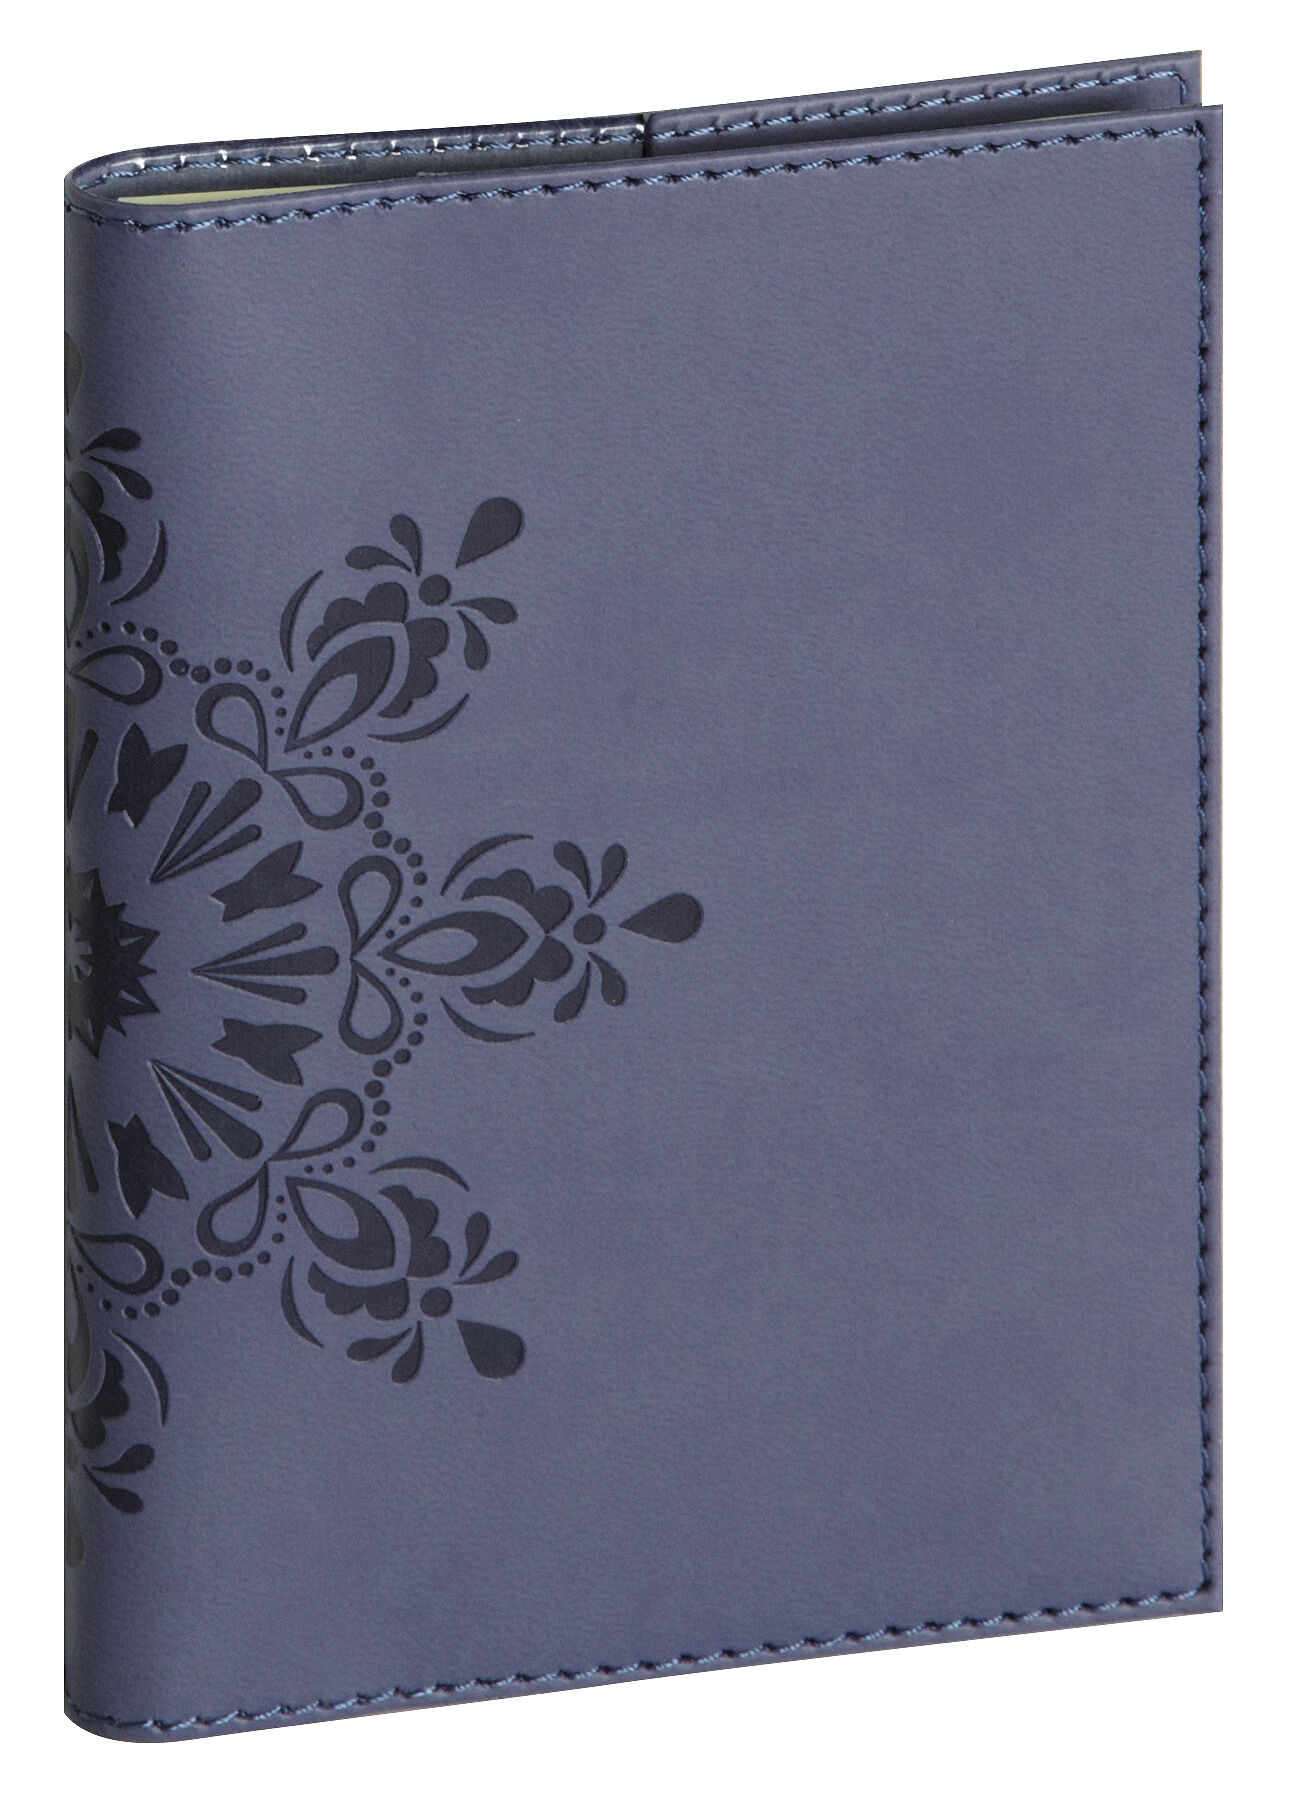 Cordoba Espace 13S - Agenda de poche spiralé - 1 semaine sur 2 pages - 9 x 13 cm - disponible dans différentes couleurs - Exacompta